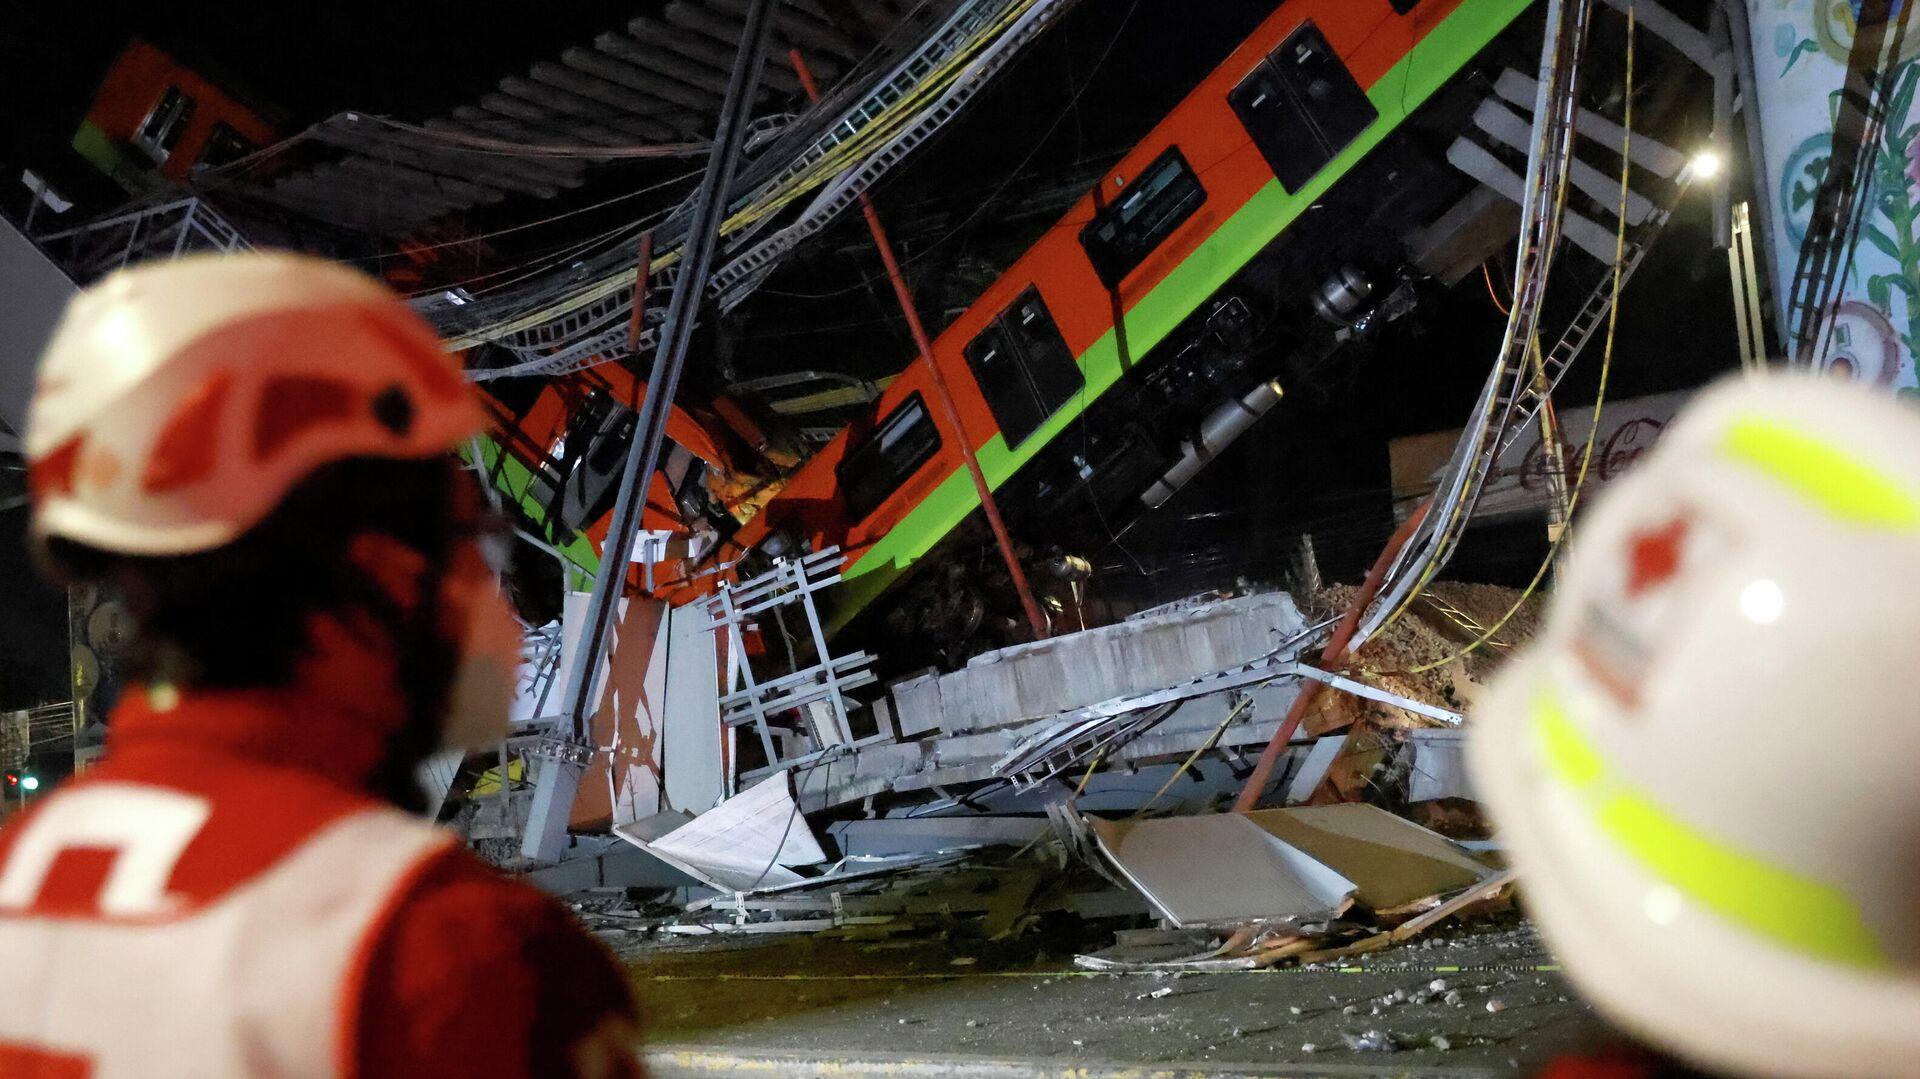 Se desploma un puente de metro de la Ciudad de México - Sputnik Mundo, 1920, 04.05.2021